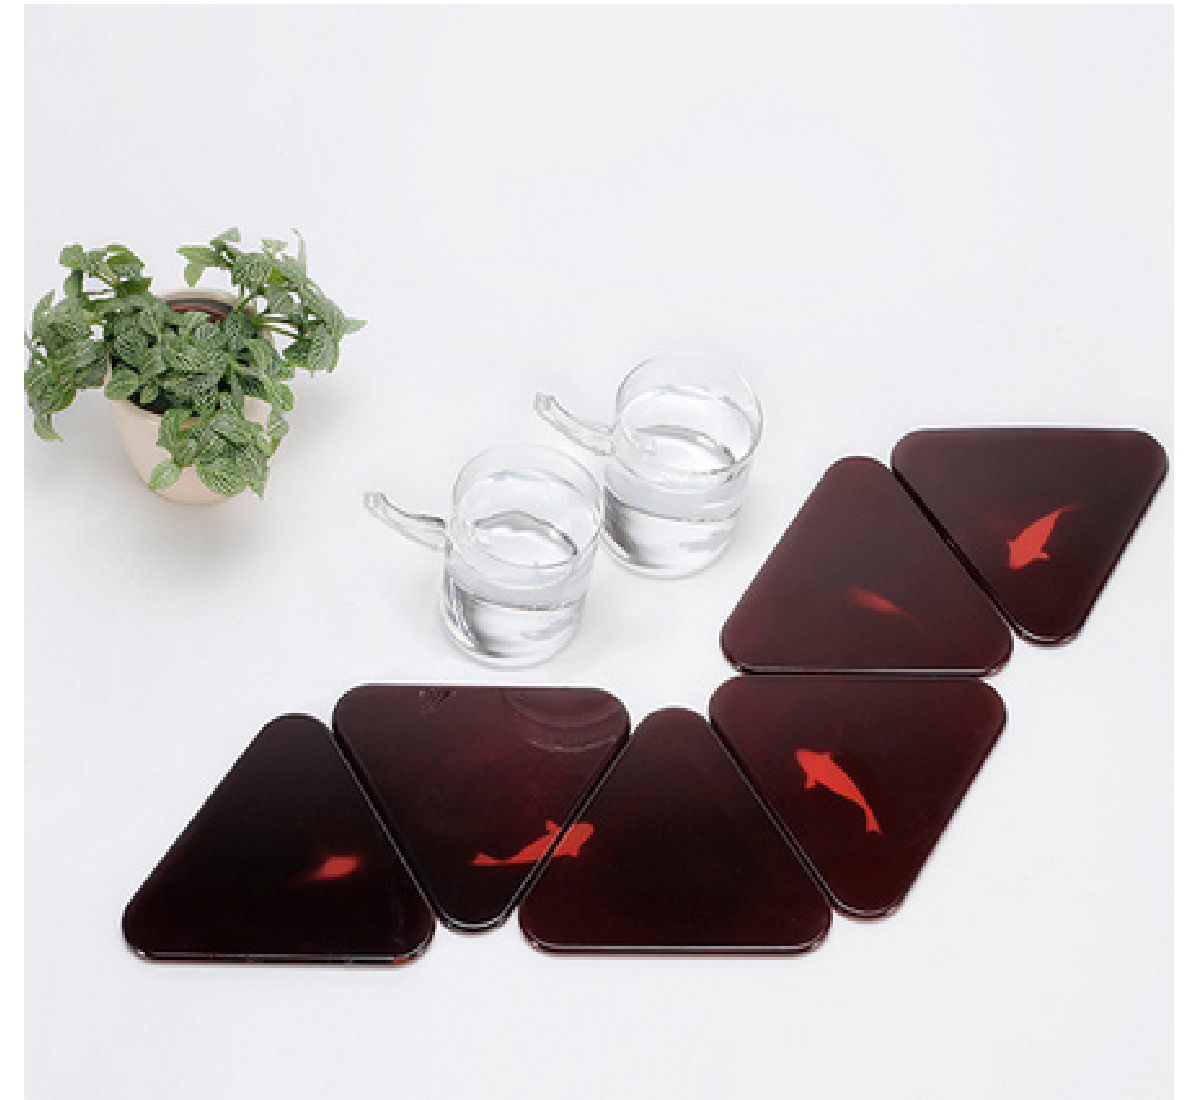 cadeaux 2 ouf id es de cadeaux insolites et originaux ao t 2013. Black Bedroom Furniture Sets. Home Design Ideas